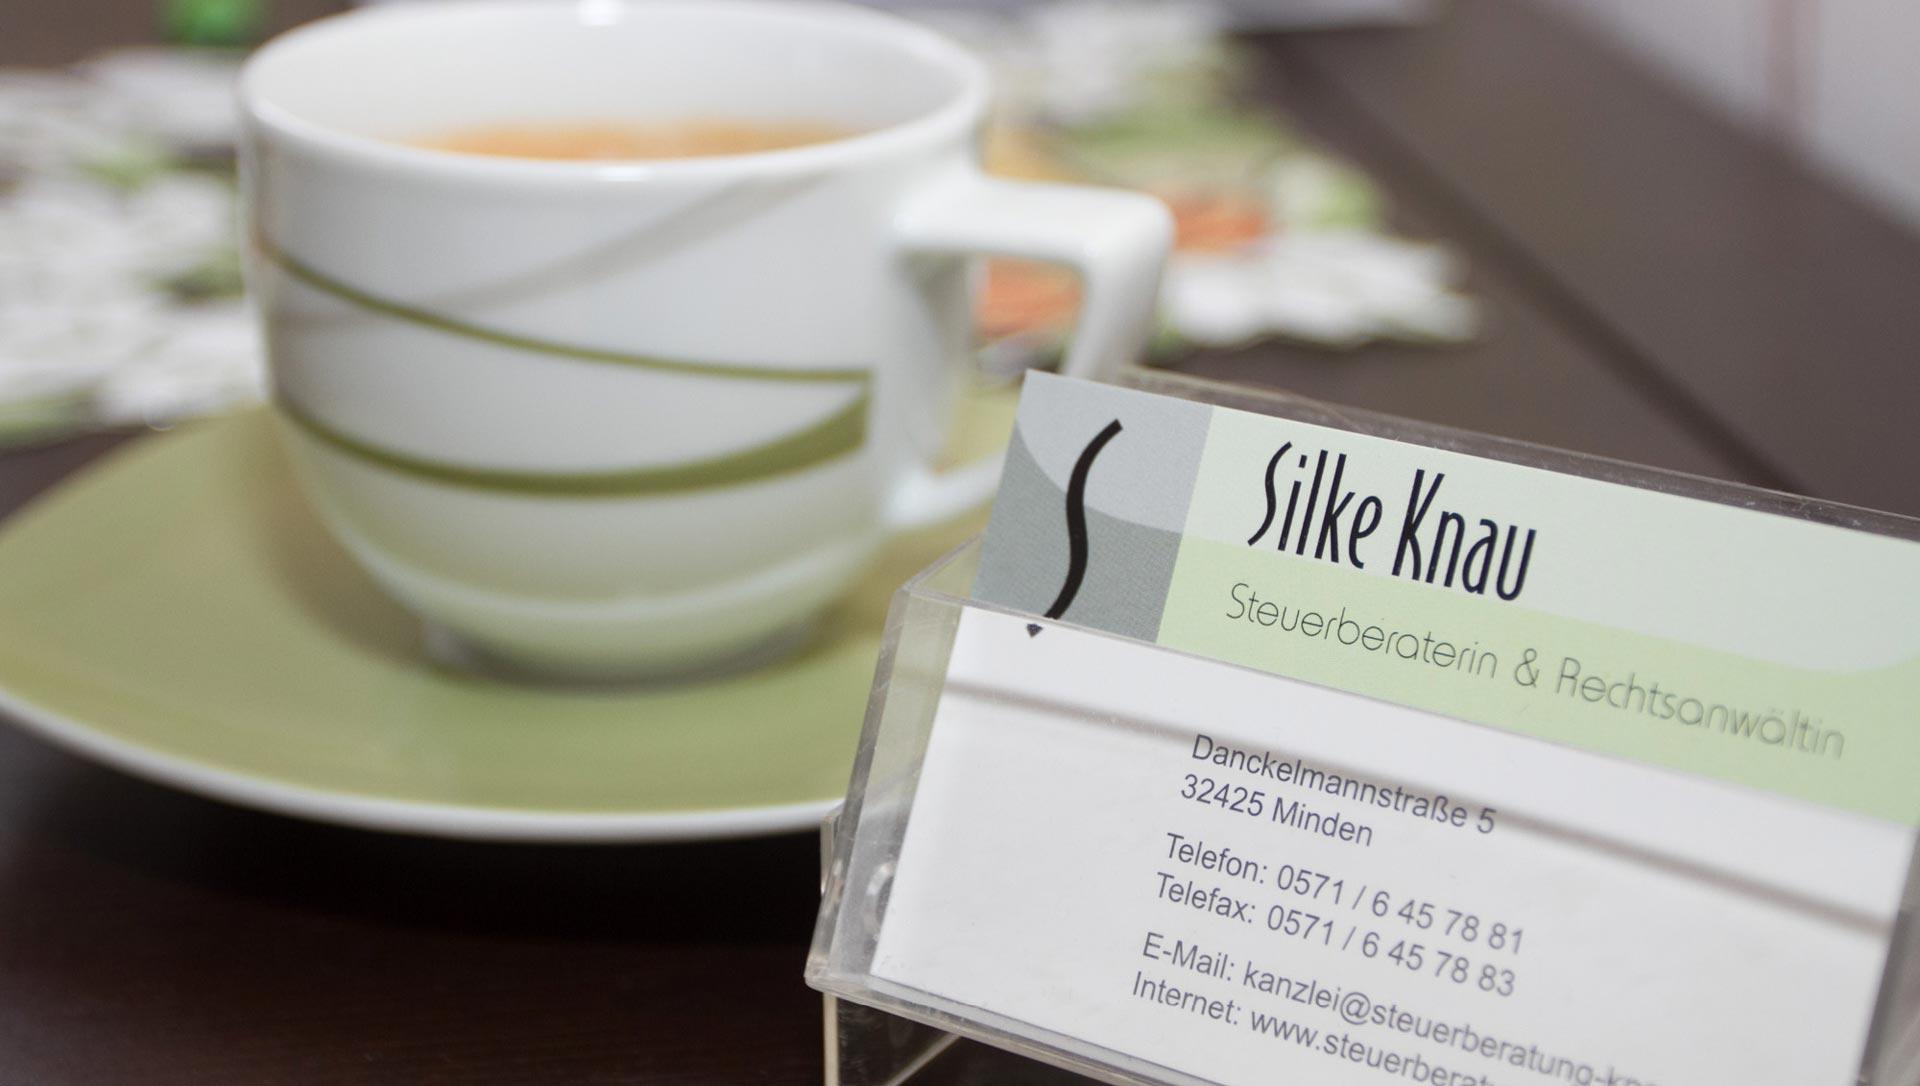 Silke Knau